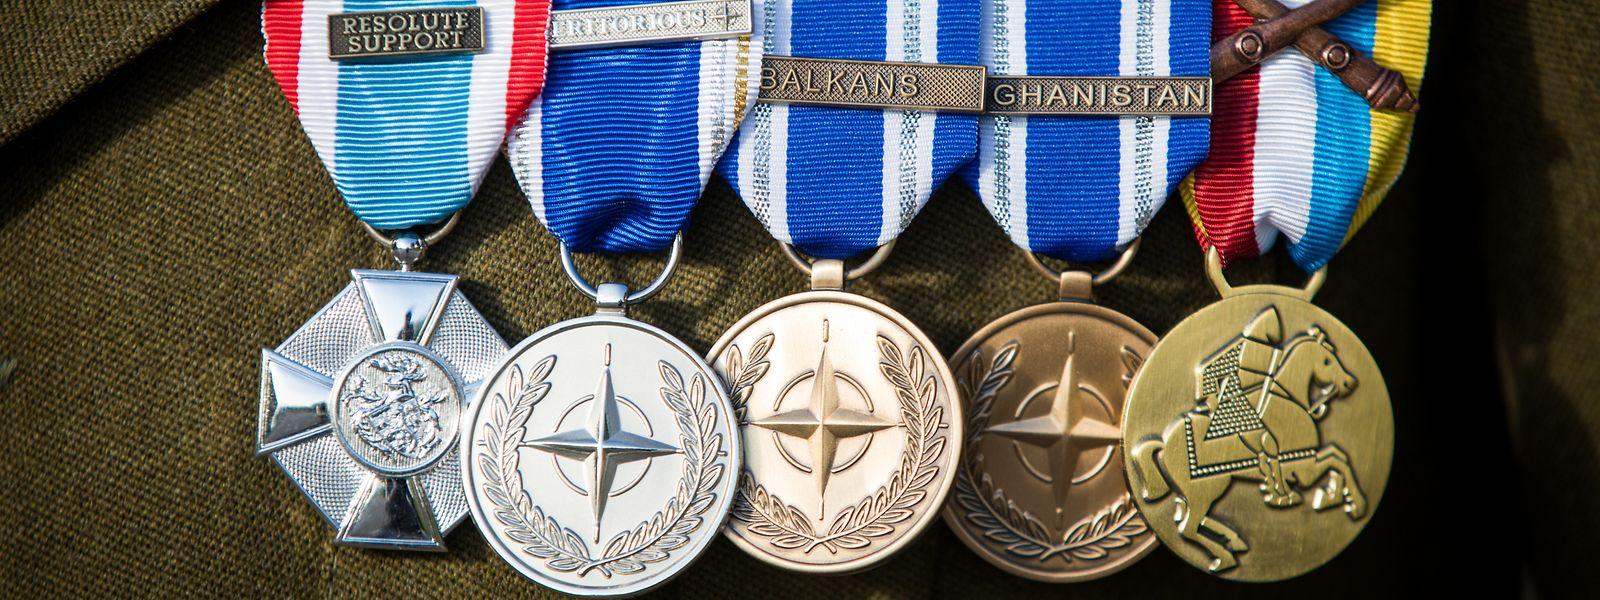 Die erste Medaille links ehrt Nemis Beteiligung an den Luxemburger Missionen im Kosovo und in Afghanistan, die zweite seinen verdienstvollen Einsatz für die NATO. Daneben die zwei NATO-Medaillen für die erwähnten Missionen sowie die Medaille der Marche de l'Armée.